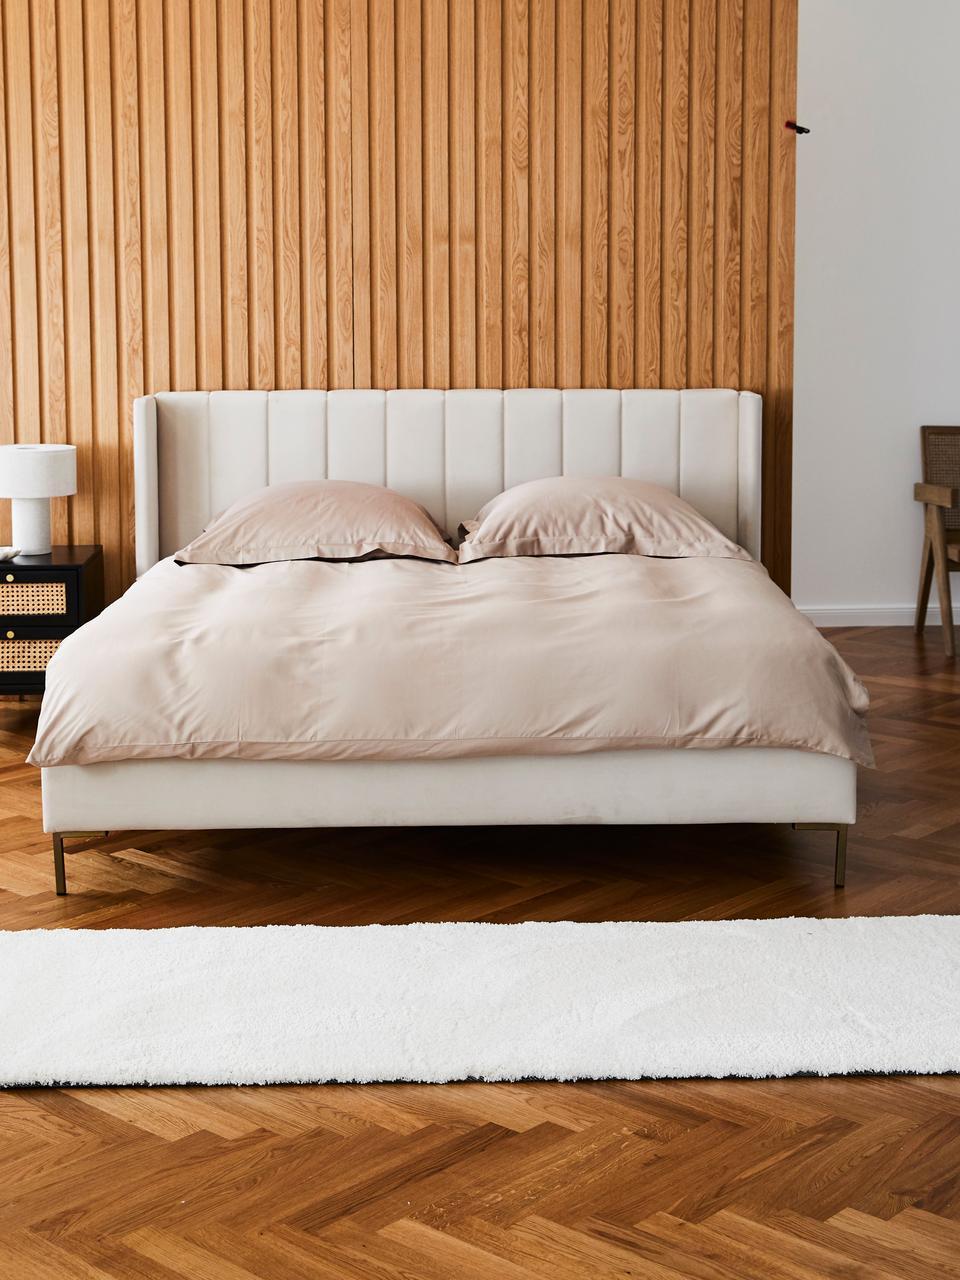 Łóżko tapicerowane z aksamitu Dusk, Korpus: lite drewno sosnowe i pły, Nogi: metal malowany proszkowo, Tapicerka: aksamit poliestrowy 290 g, Beżowy, S 180 x D 200 cm